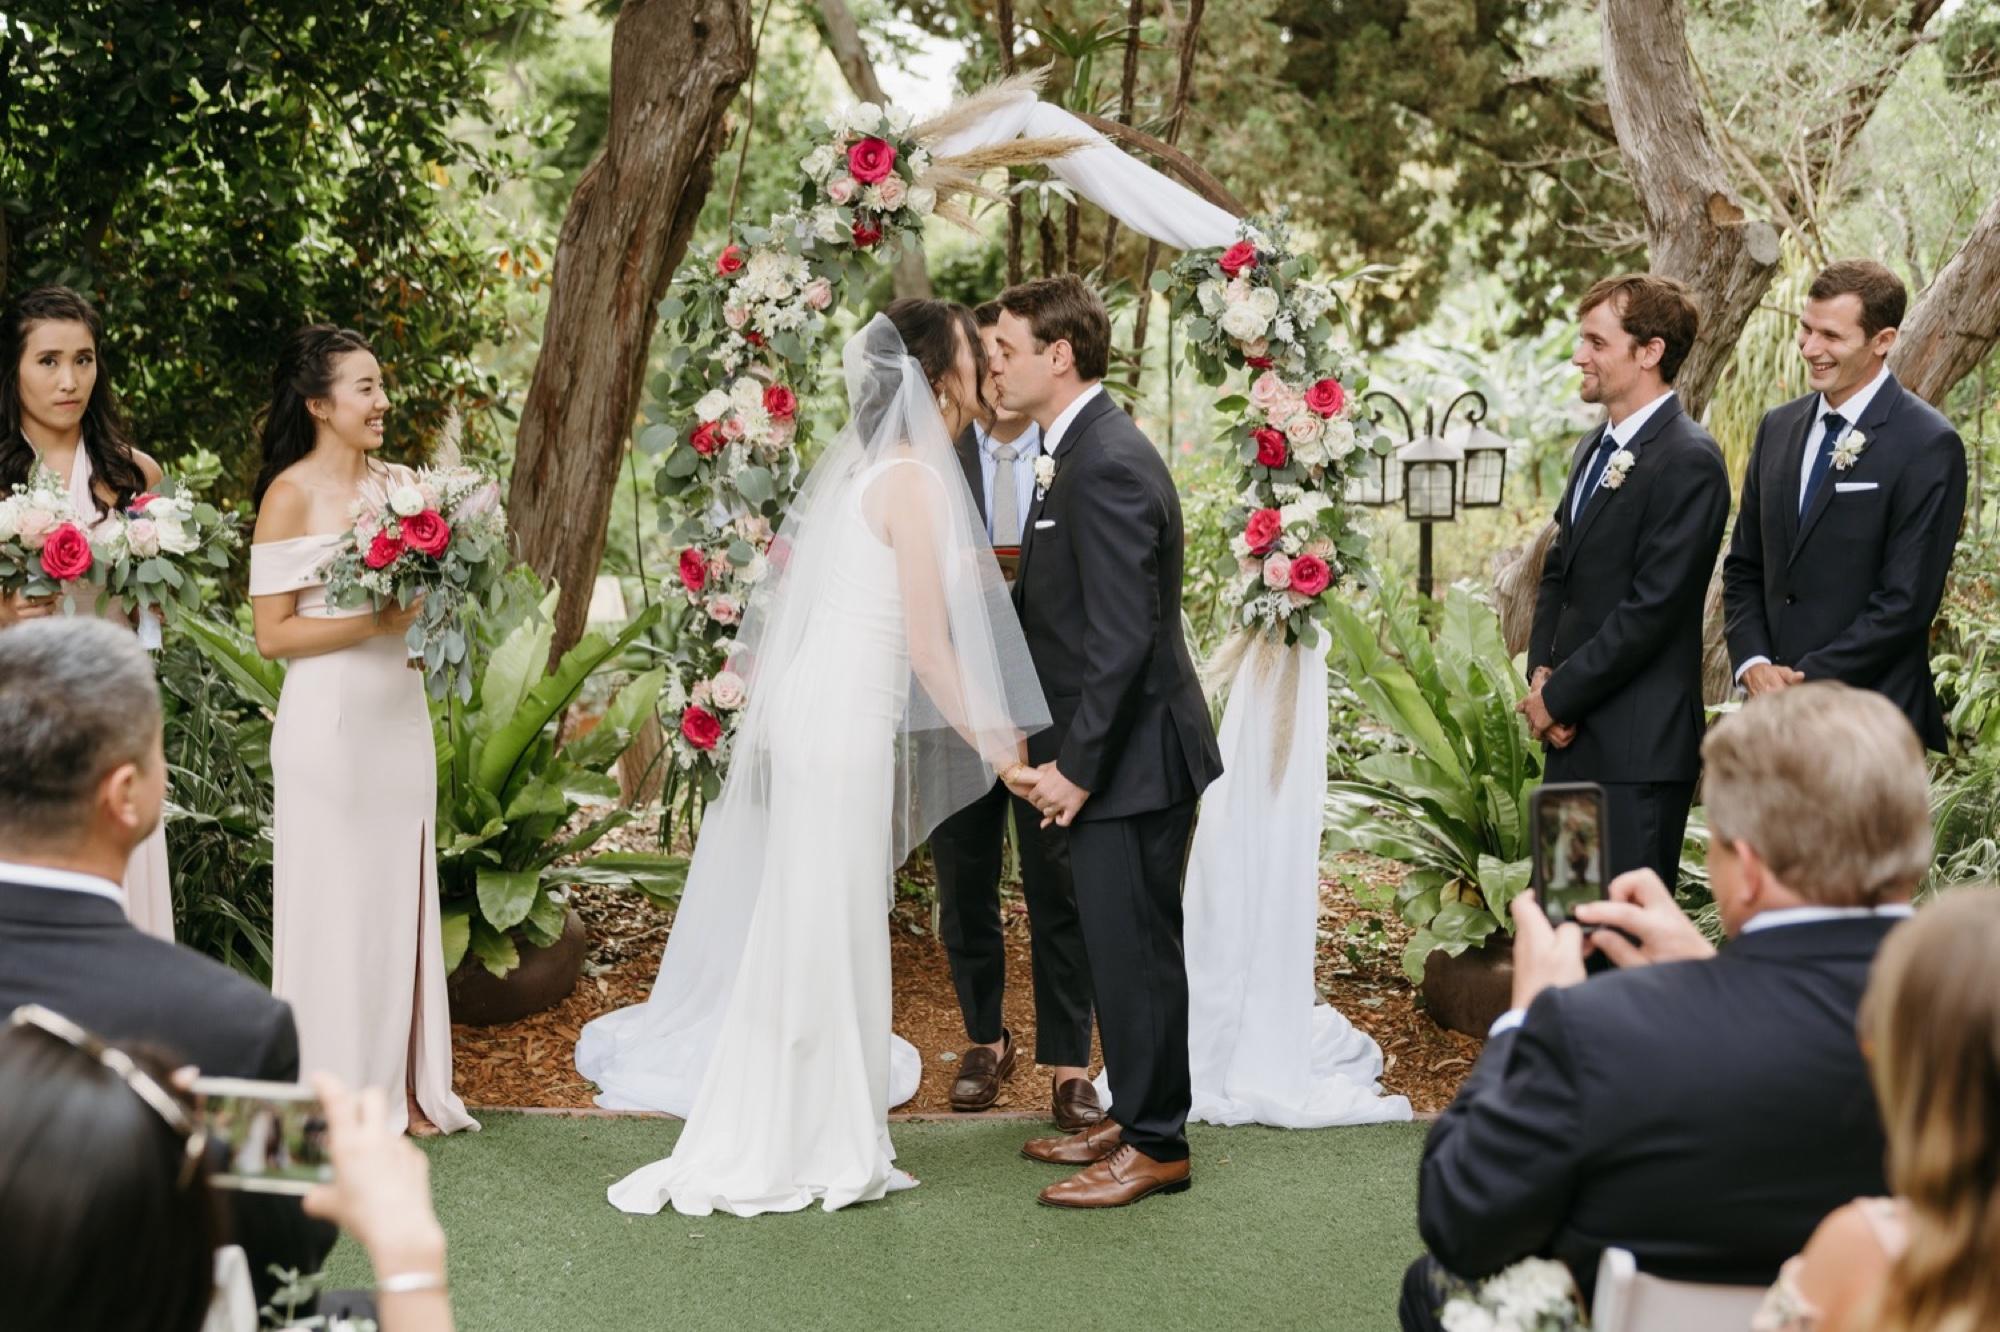 039_Shawna and Steve's Wedding-223.jpg